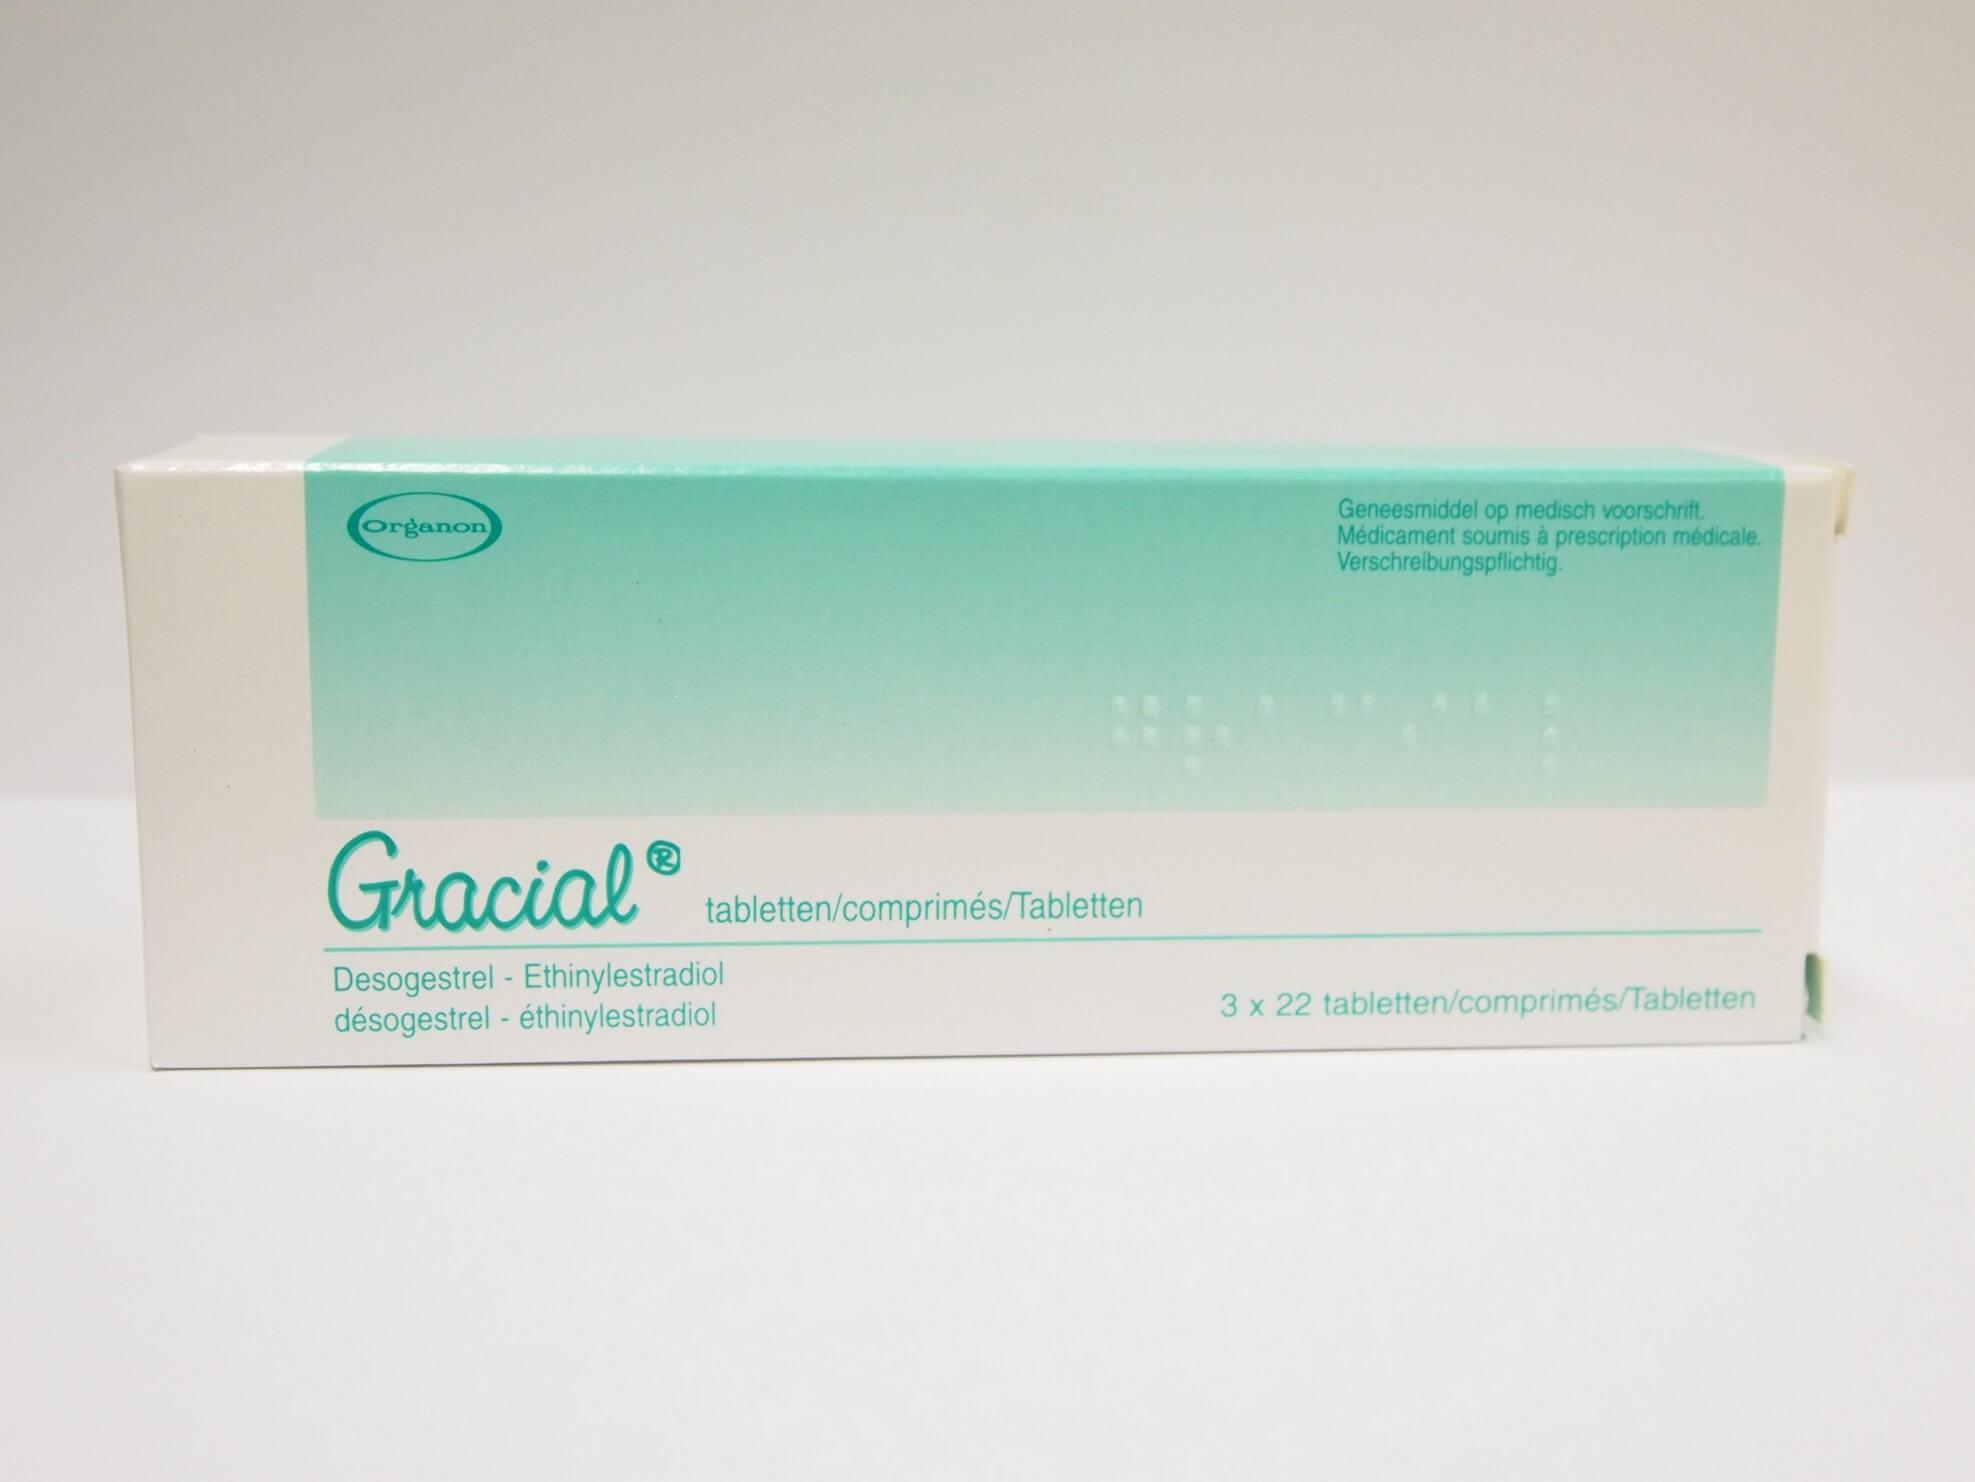 anticoncepcional gracial organon